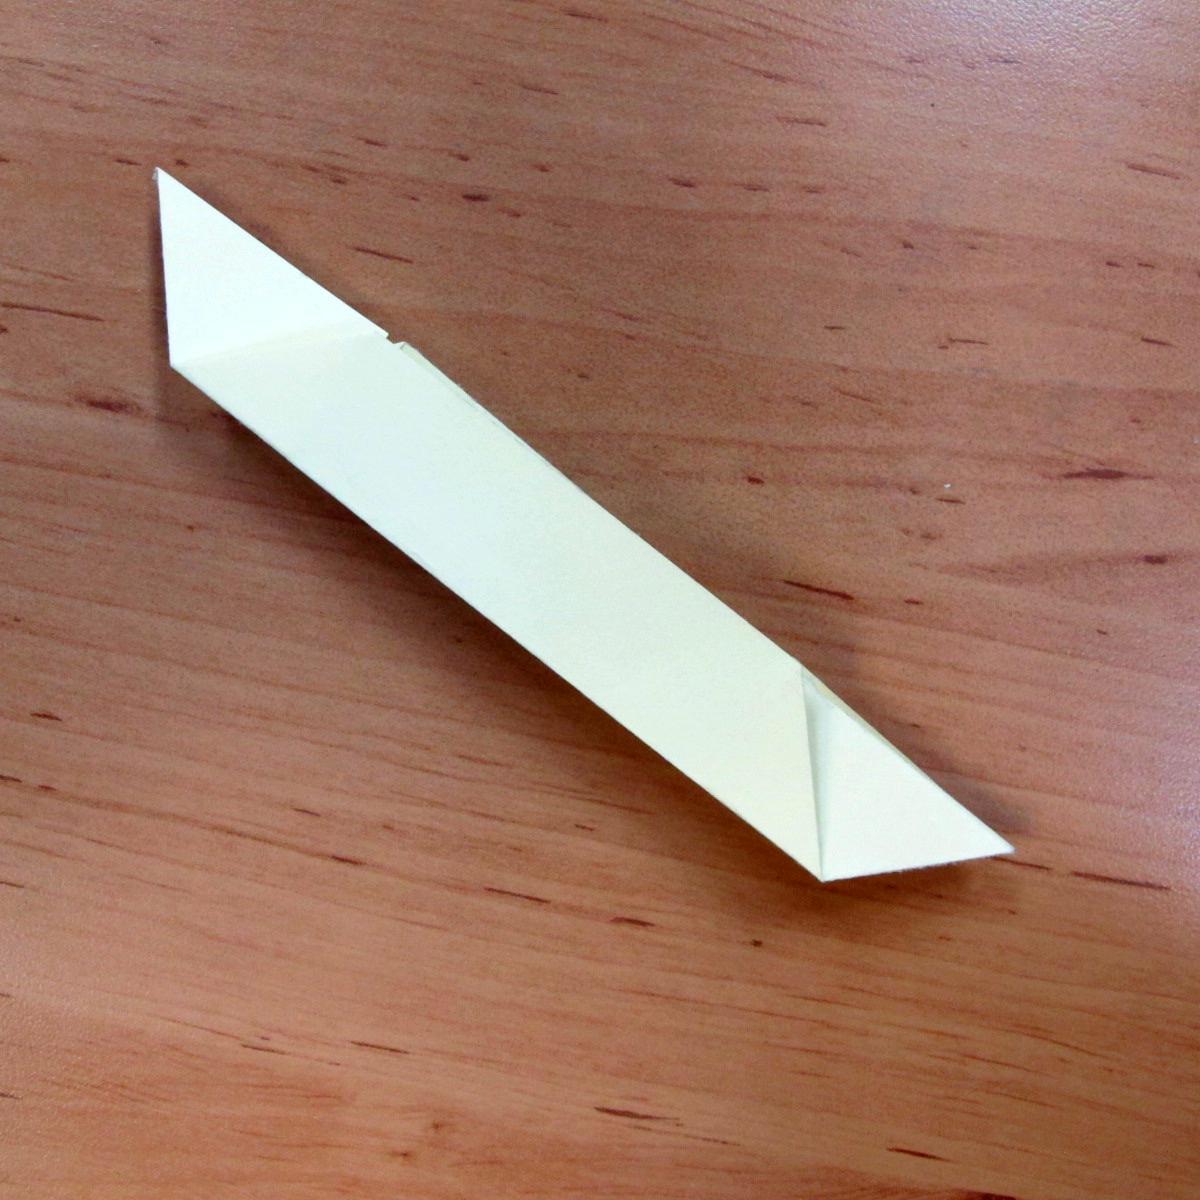 วิธีการพับกระดาษเป็นดอกบัวแบบแยกประกอบส่วน 006